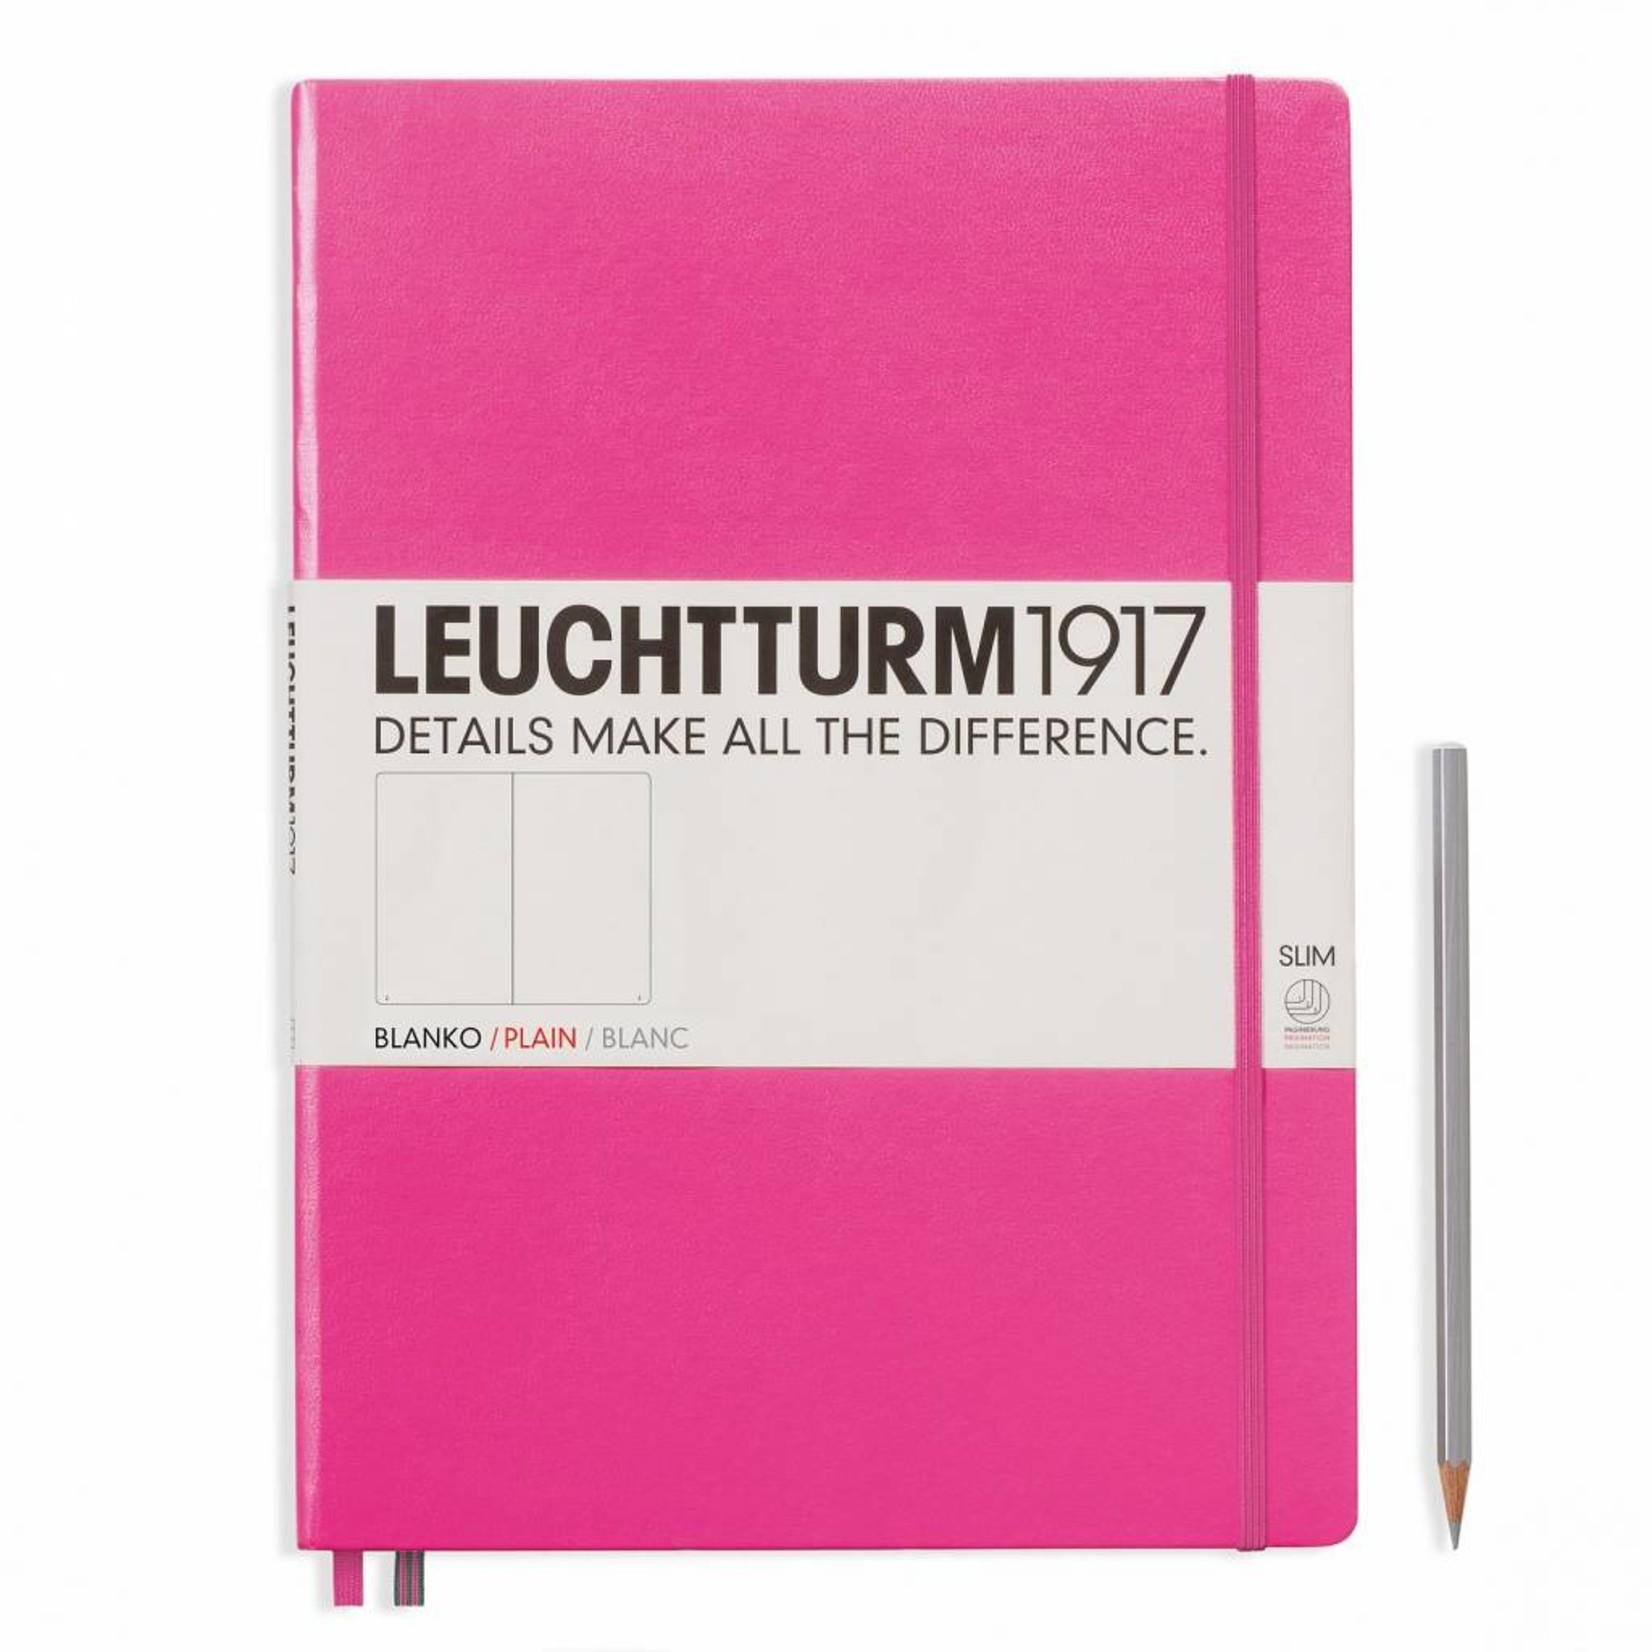 Leuchtturm1917 LT Notizbuch A4 MASTER SLIM New Pink liniert